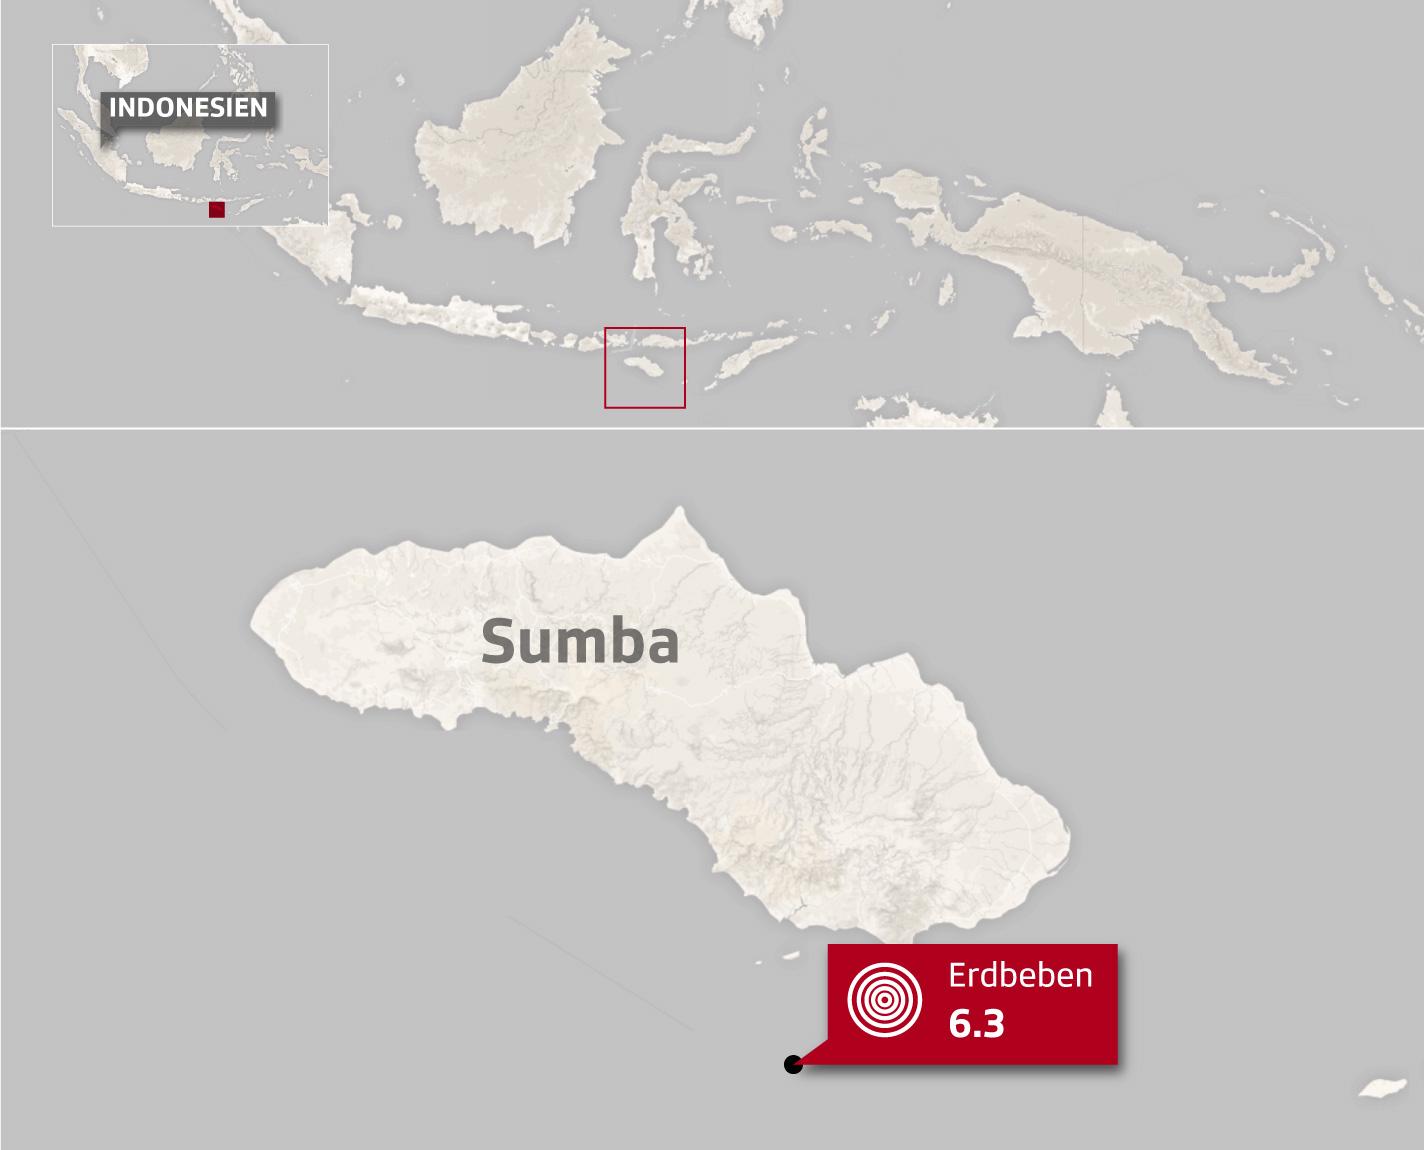 Erdbeben Sumba